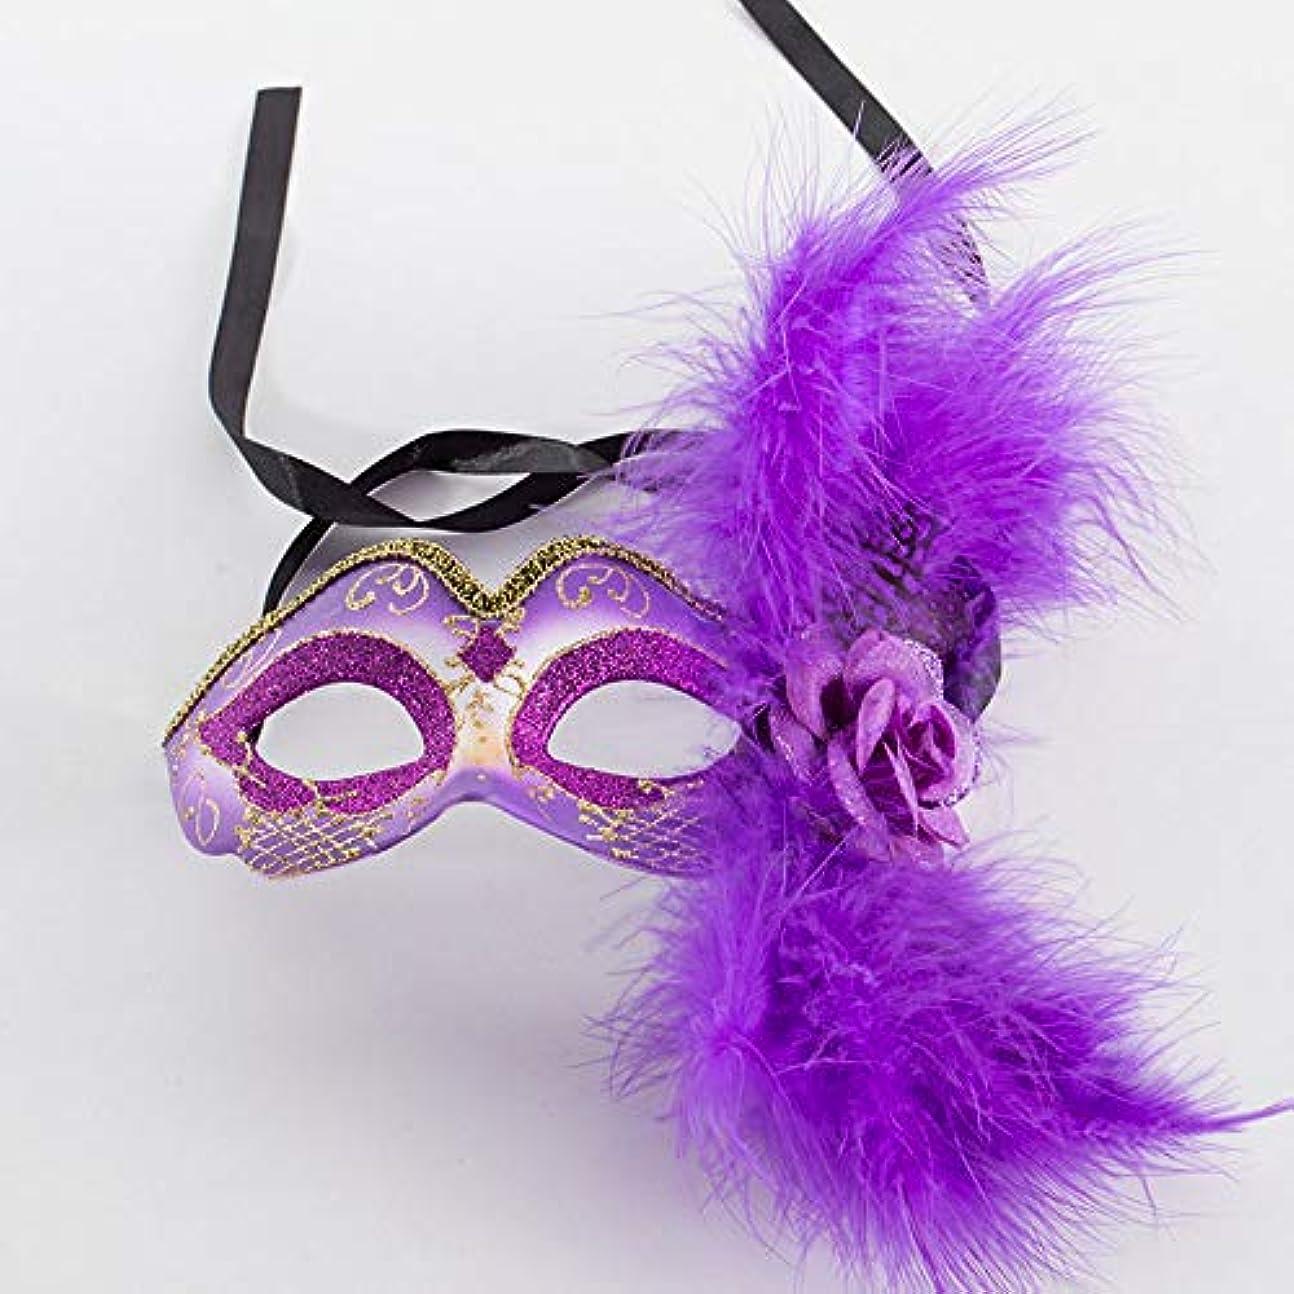 吸うアナロジー賛美歌レディー女の子コスチュームベネチアンマスクフェザーマスカレードハロウィーンマルディグラコスプレパーティー仮面14.5x7.5cmマスク,紫色